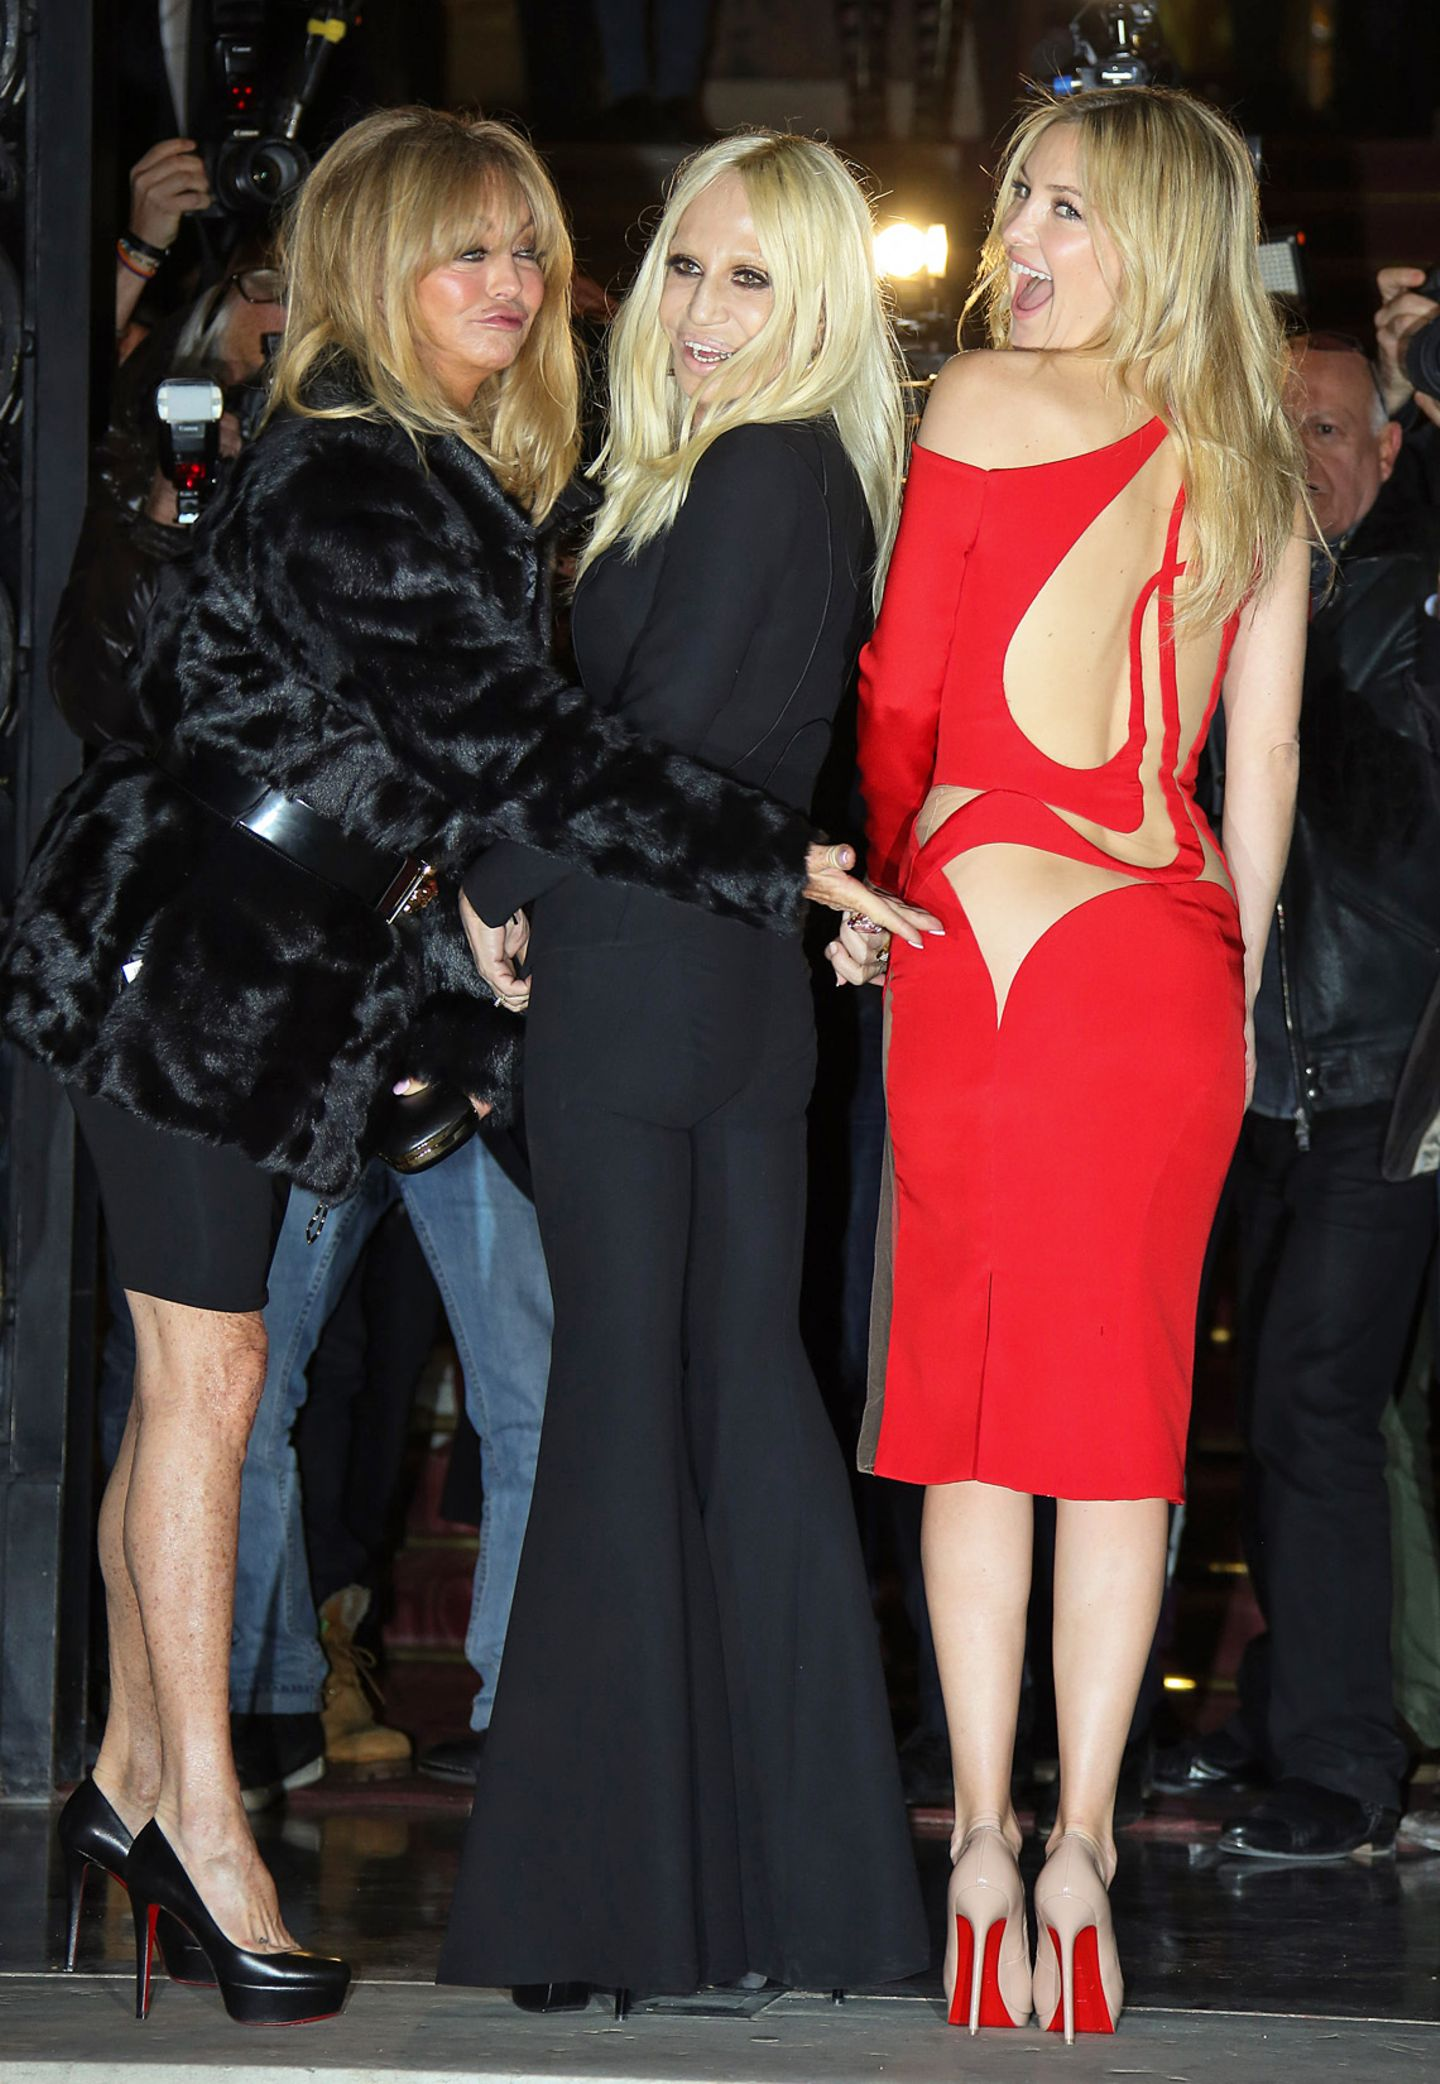 Goldie Hawn, Donatella Versace und Kate Hudson, im sexy Cut-Out-Kleid aus der neuesten Kollektion, haben schon vor der Fashion-Show ihren Spaß.